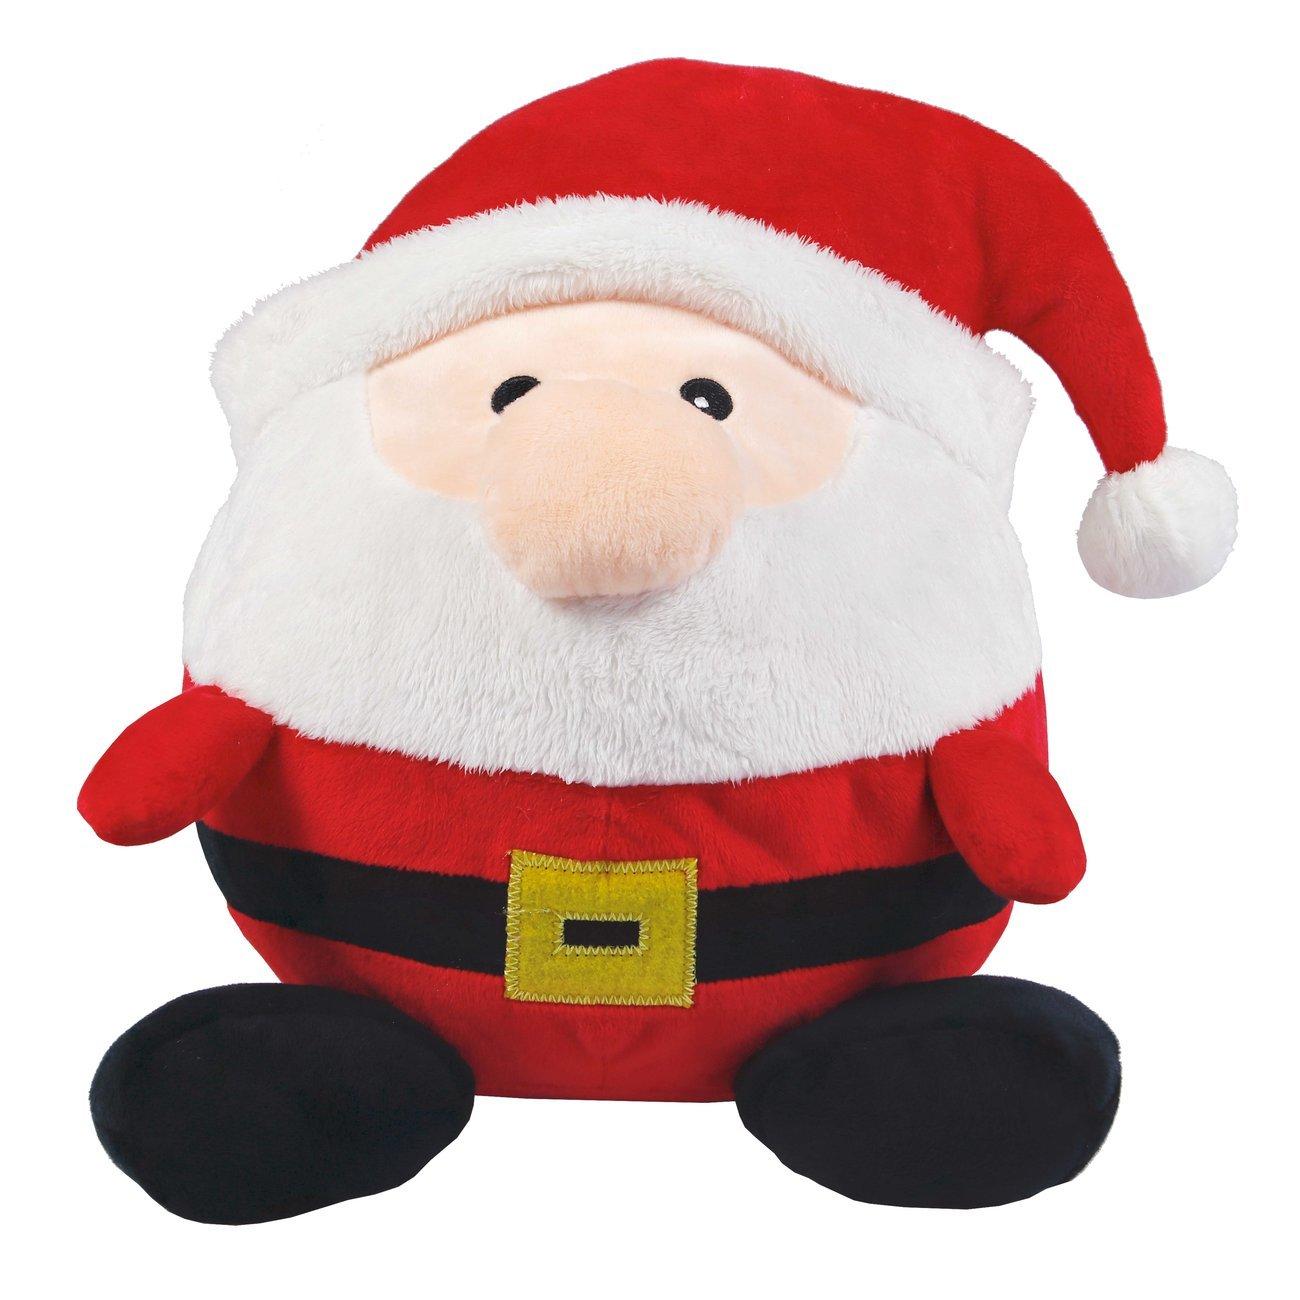 Wolters Plüschball Weihnachtsmann, 15 cm